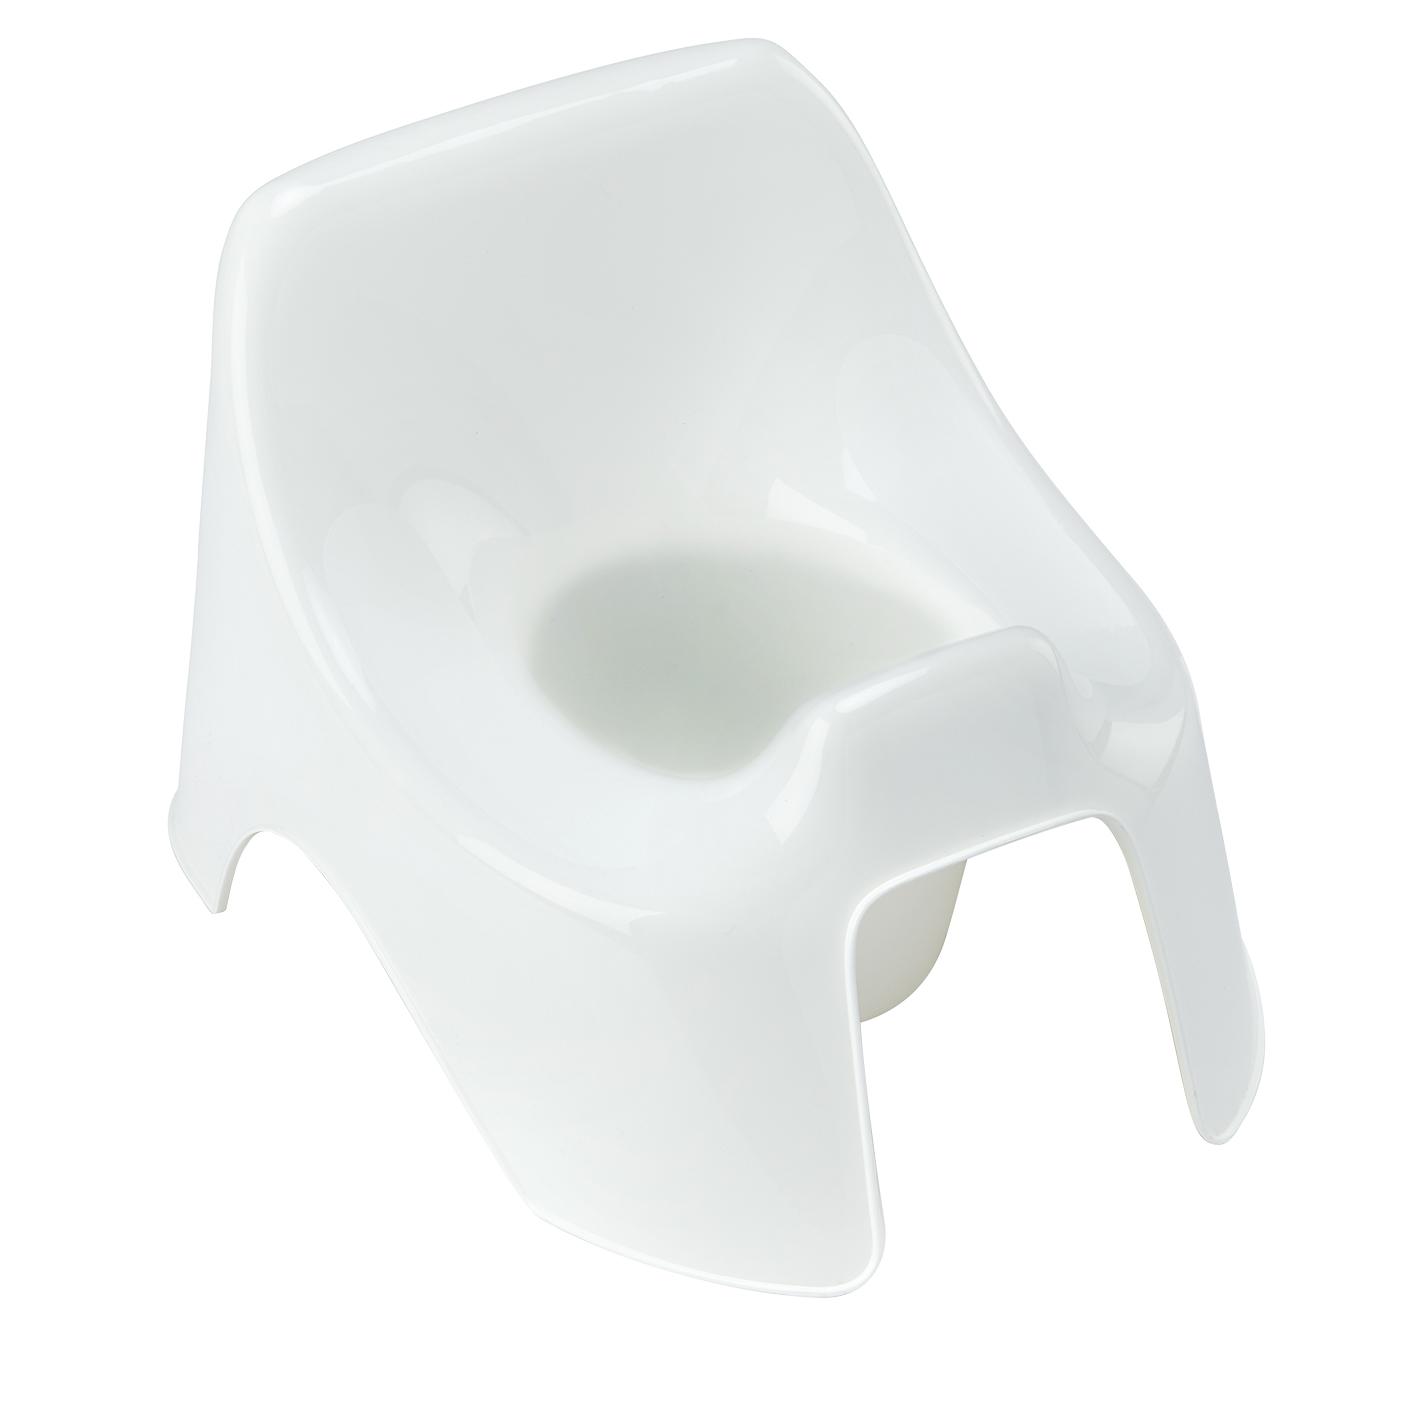 THERMOBABY  Nočník Anatomical Potty, Bílá